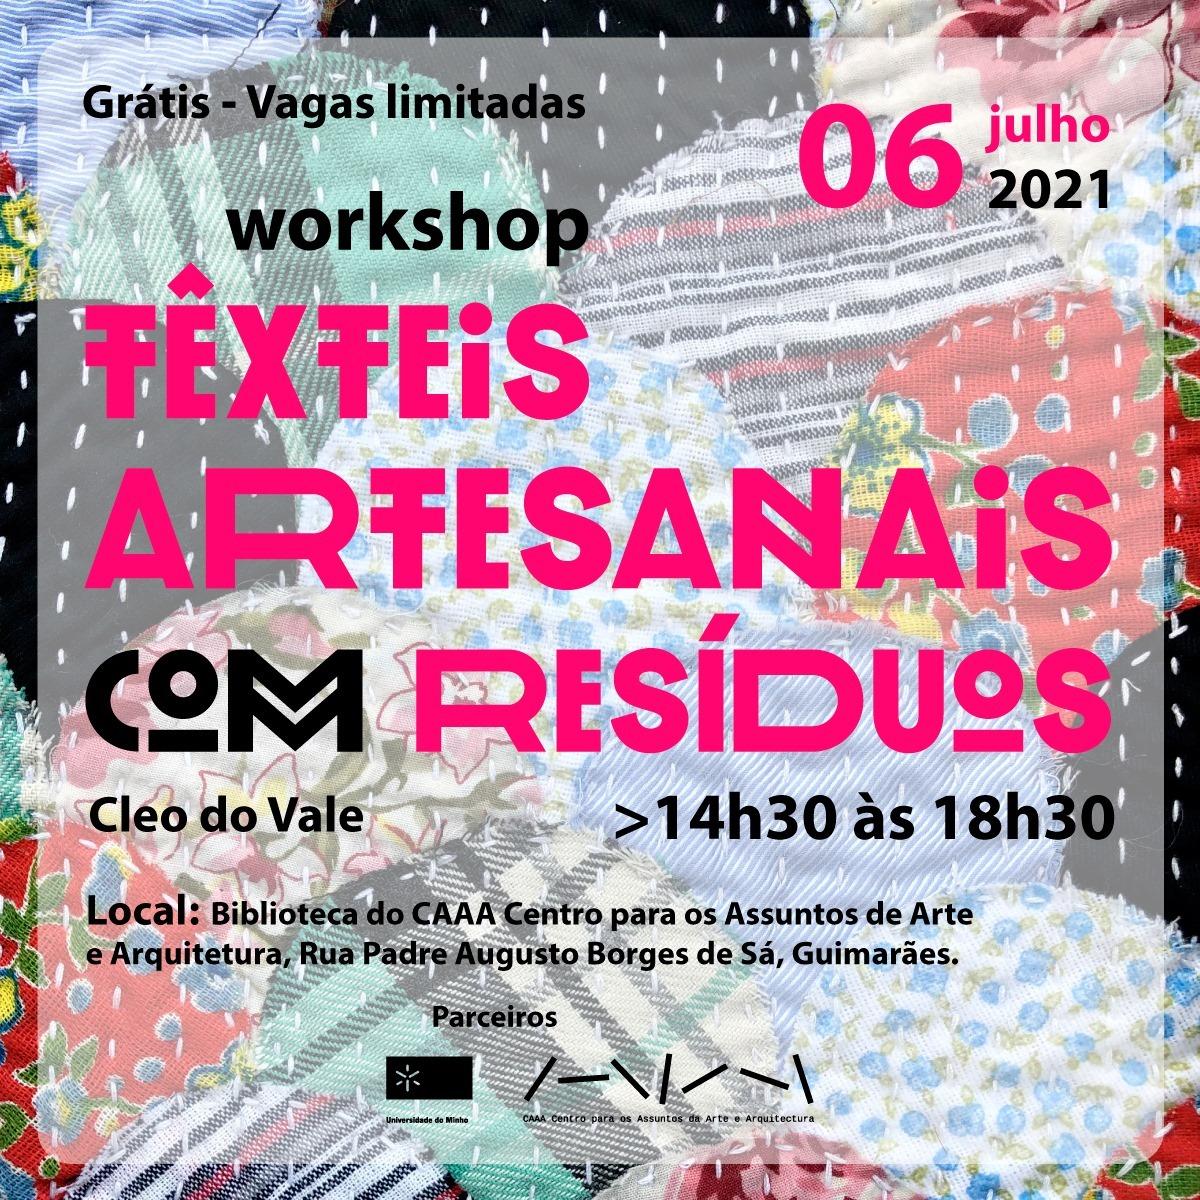 Workshop Têxteis Artesanais com Resíduos com Cleo do Vale